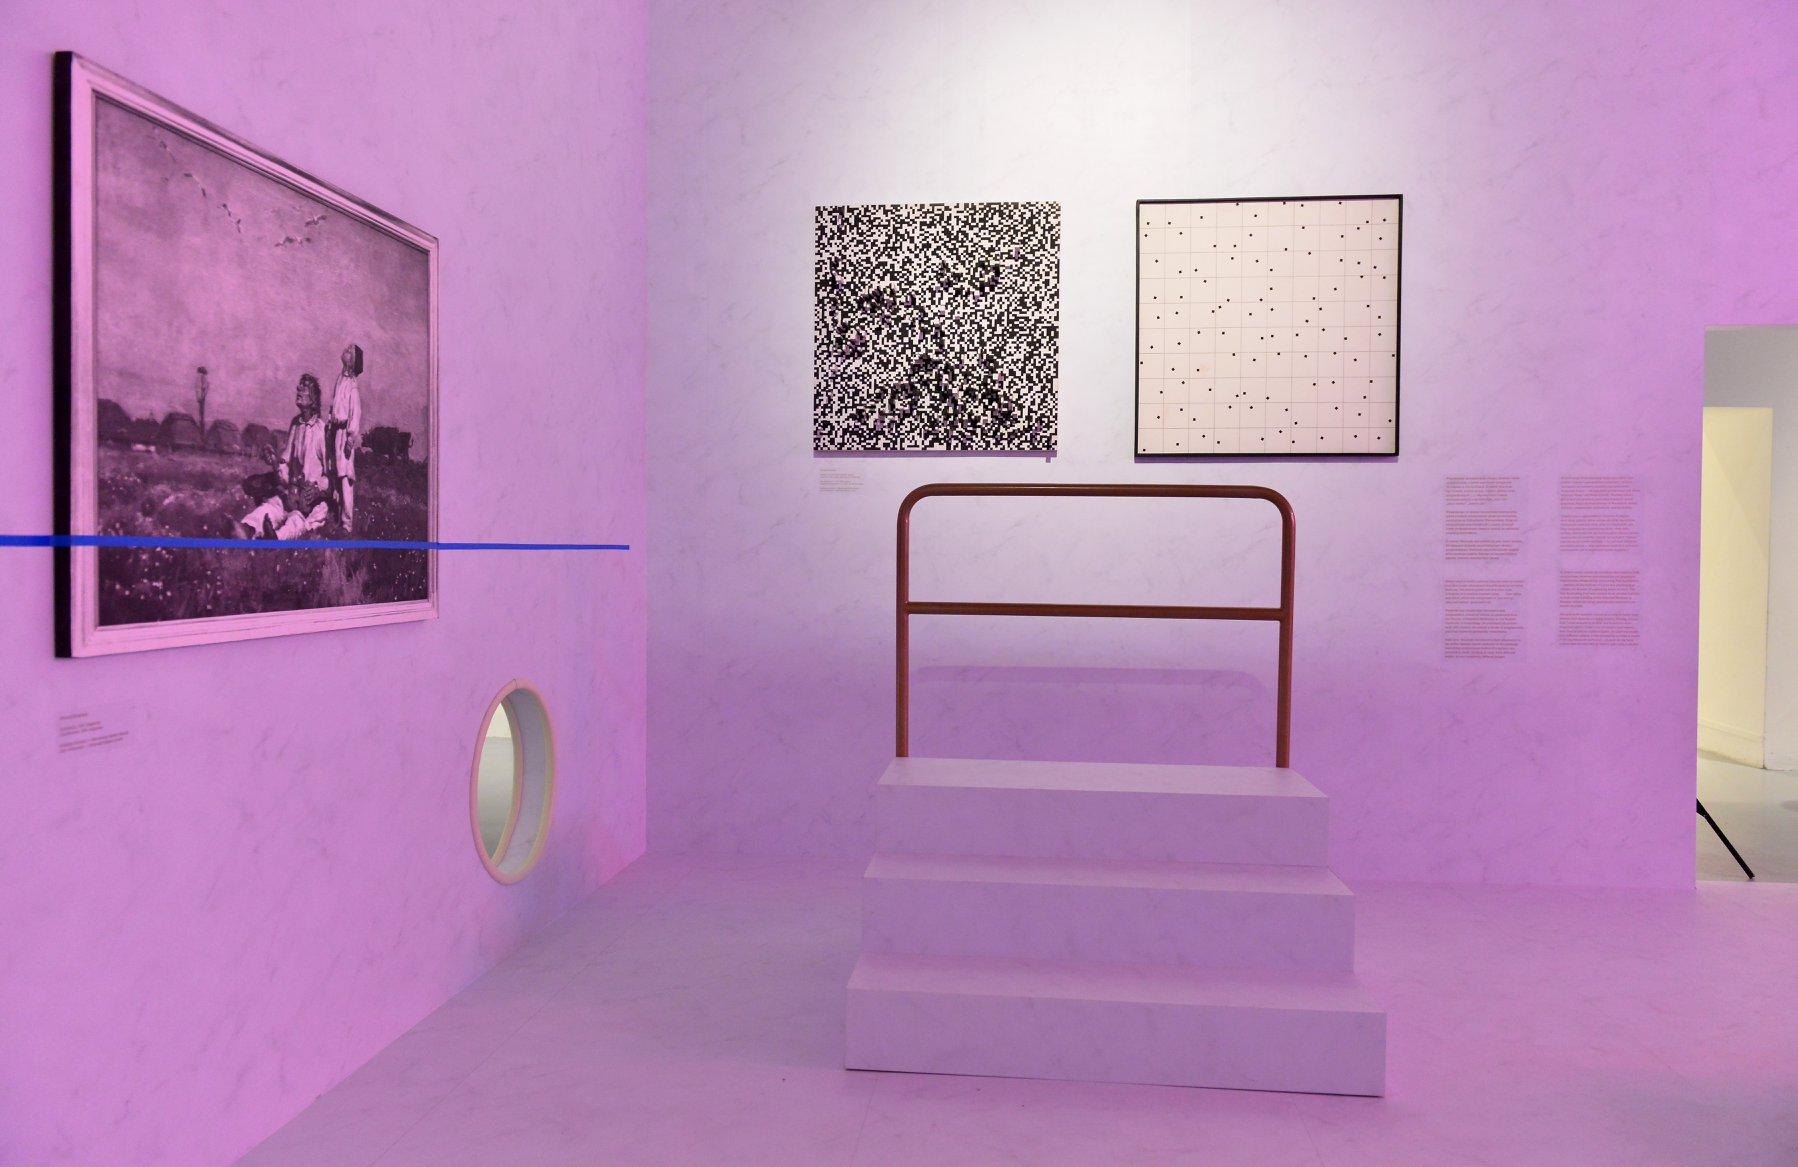 """Wystawa """"Wszystko widzę jako sztukę"""". Przestrzeń galerii wypełnia fioletowe światło. Na ścianach wiszą prace. Na podłodze stoją małe schodki z barierką."""